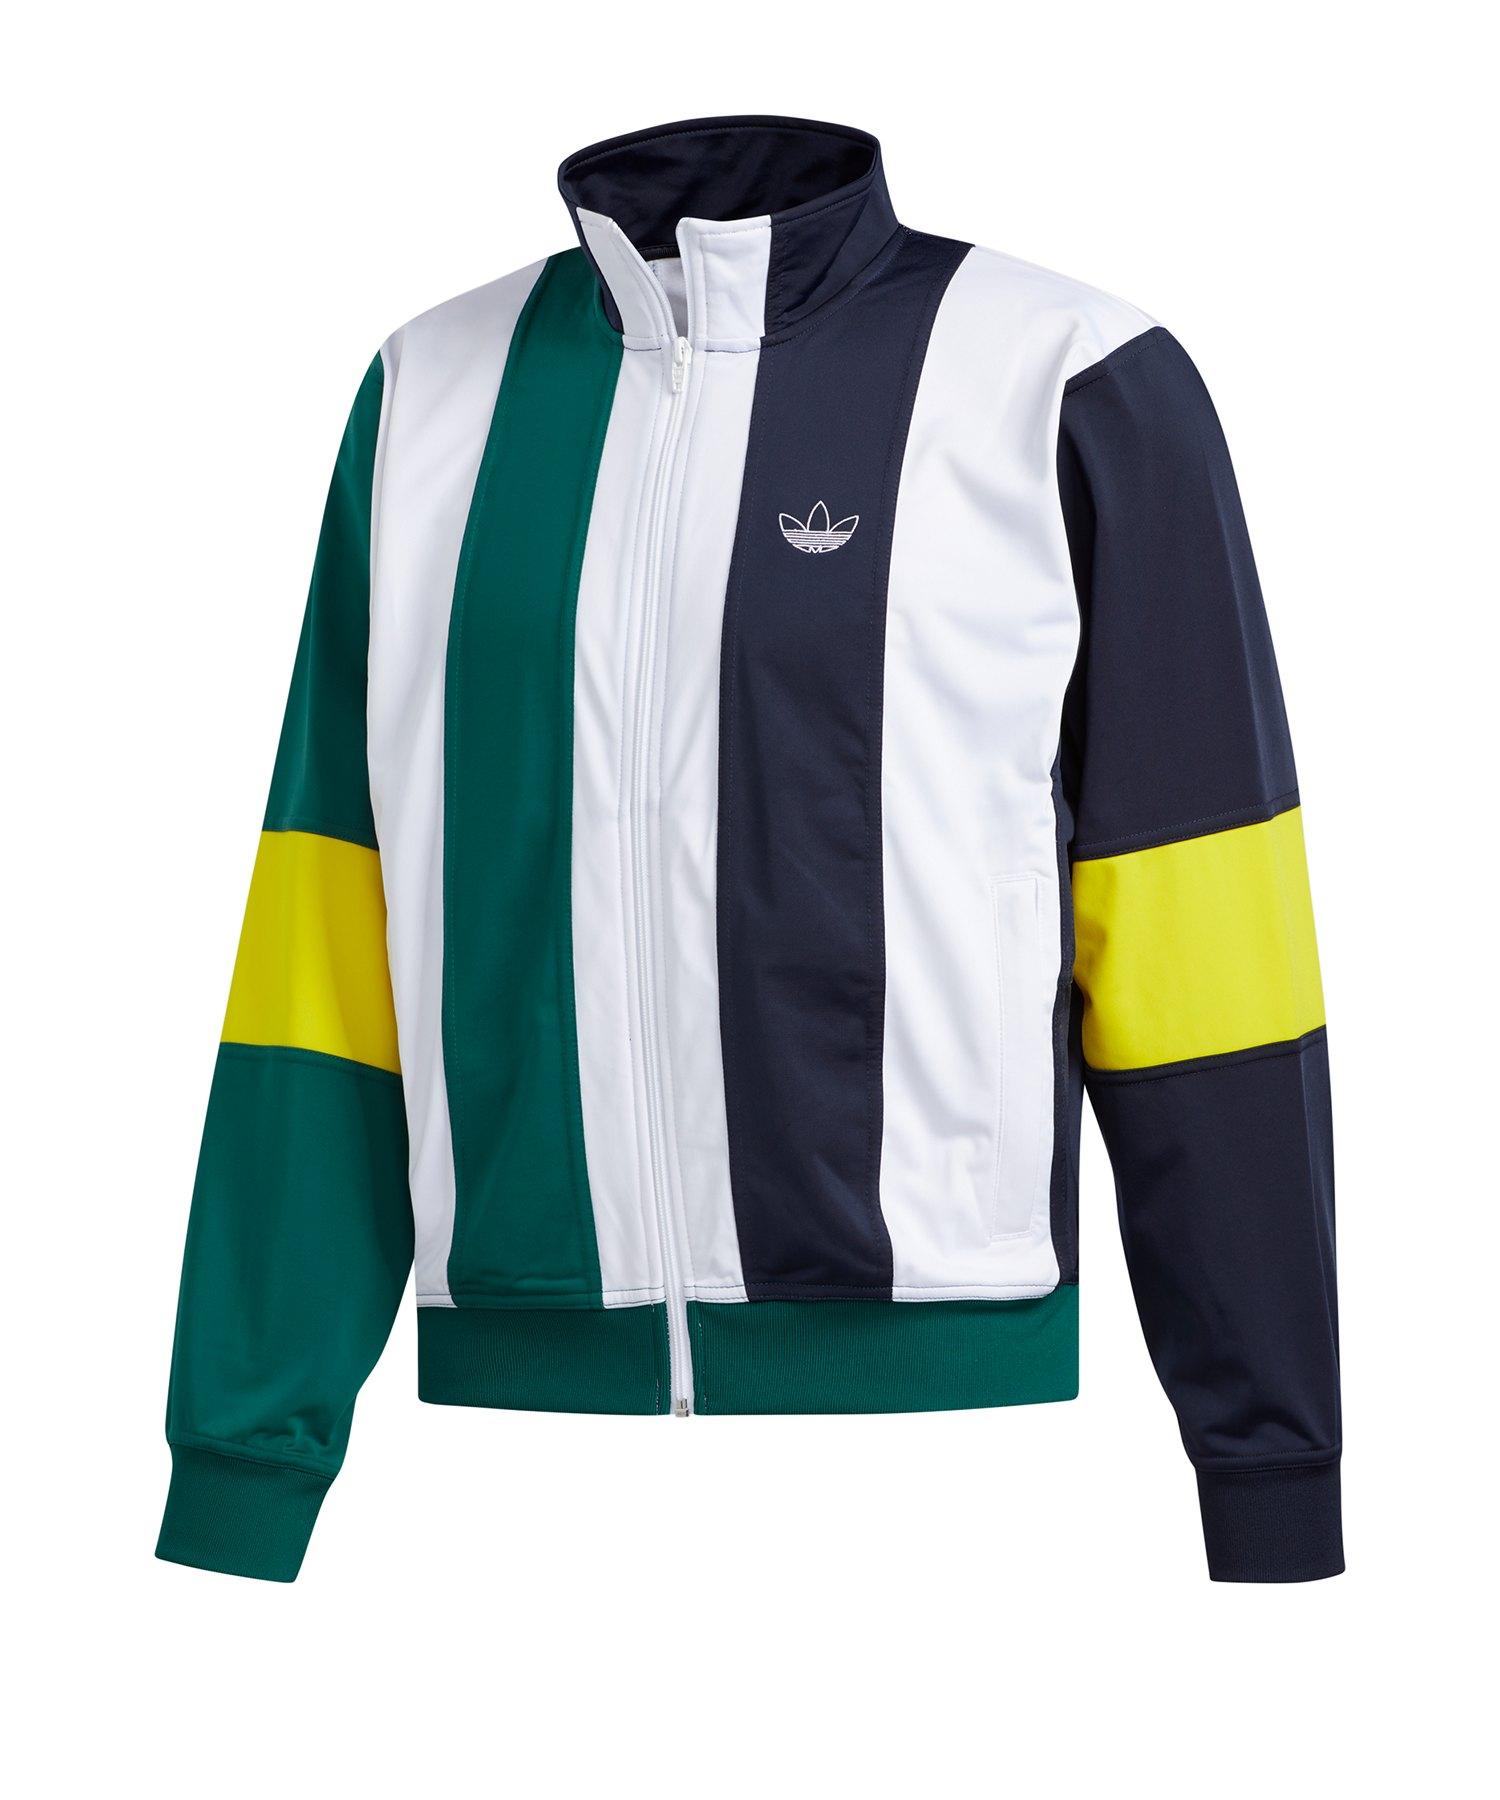 adidas ADC Fashion TT Jacke grün weiß